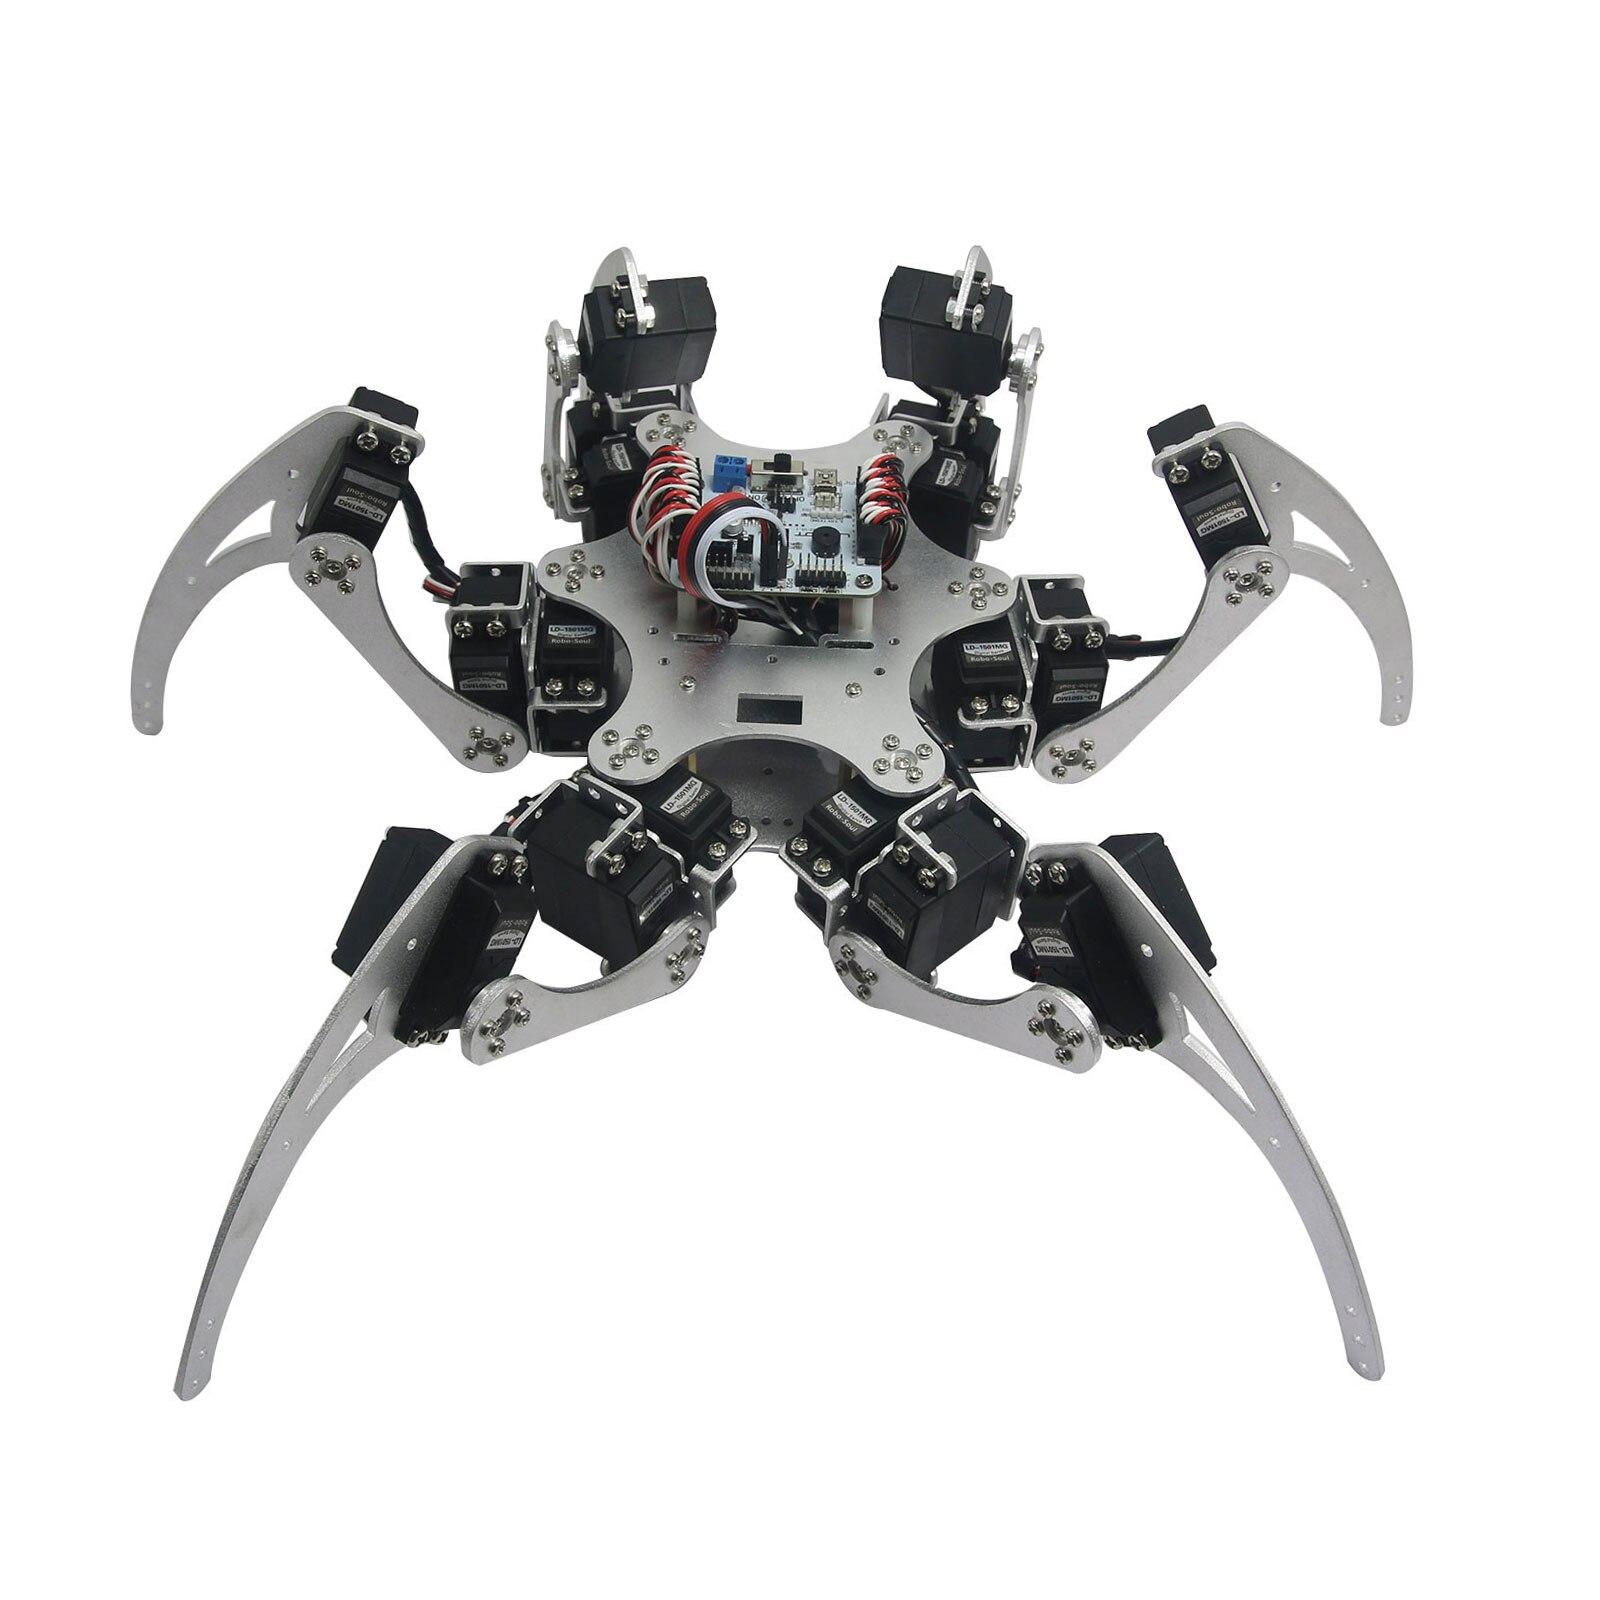 Kit de cadre Robot en Aluminium hexapode araignée Six 3DOF jambes avec roulements pour Arduino bricolage